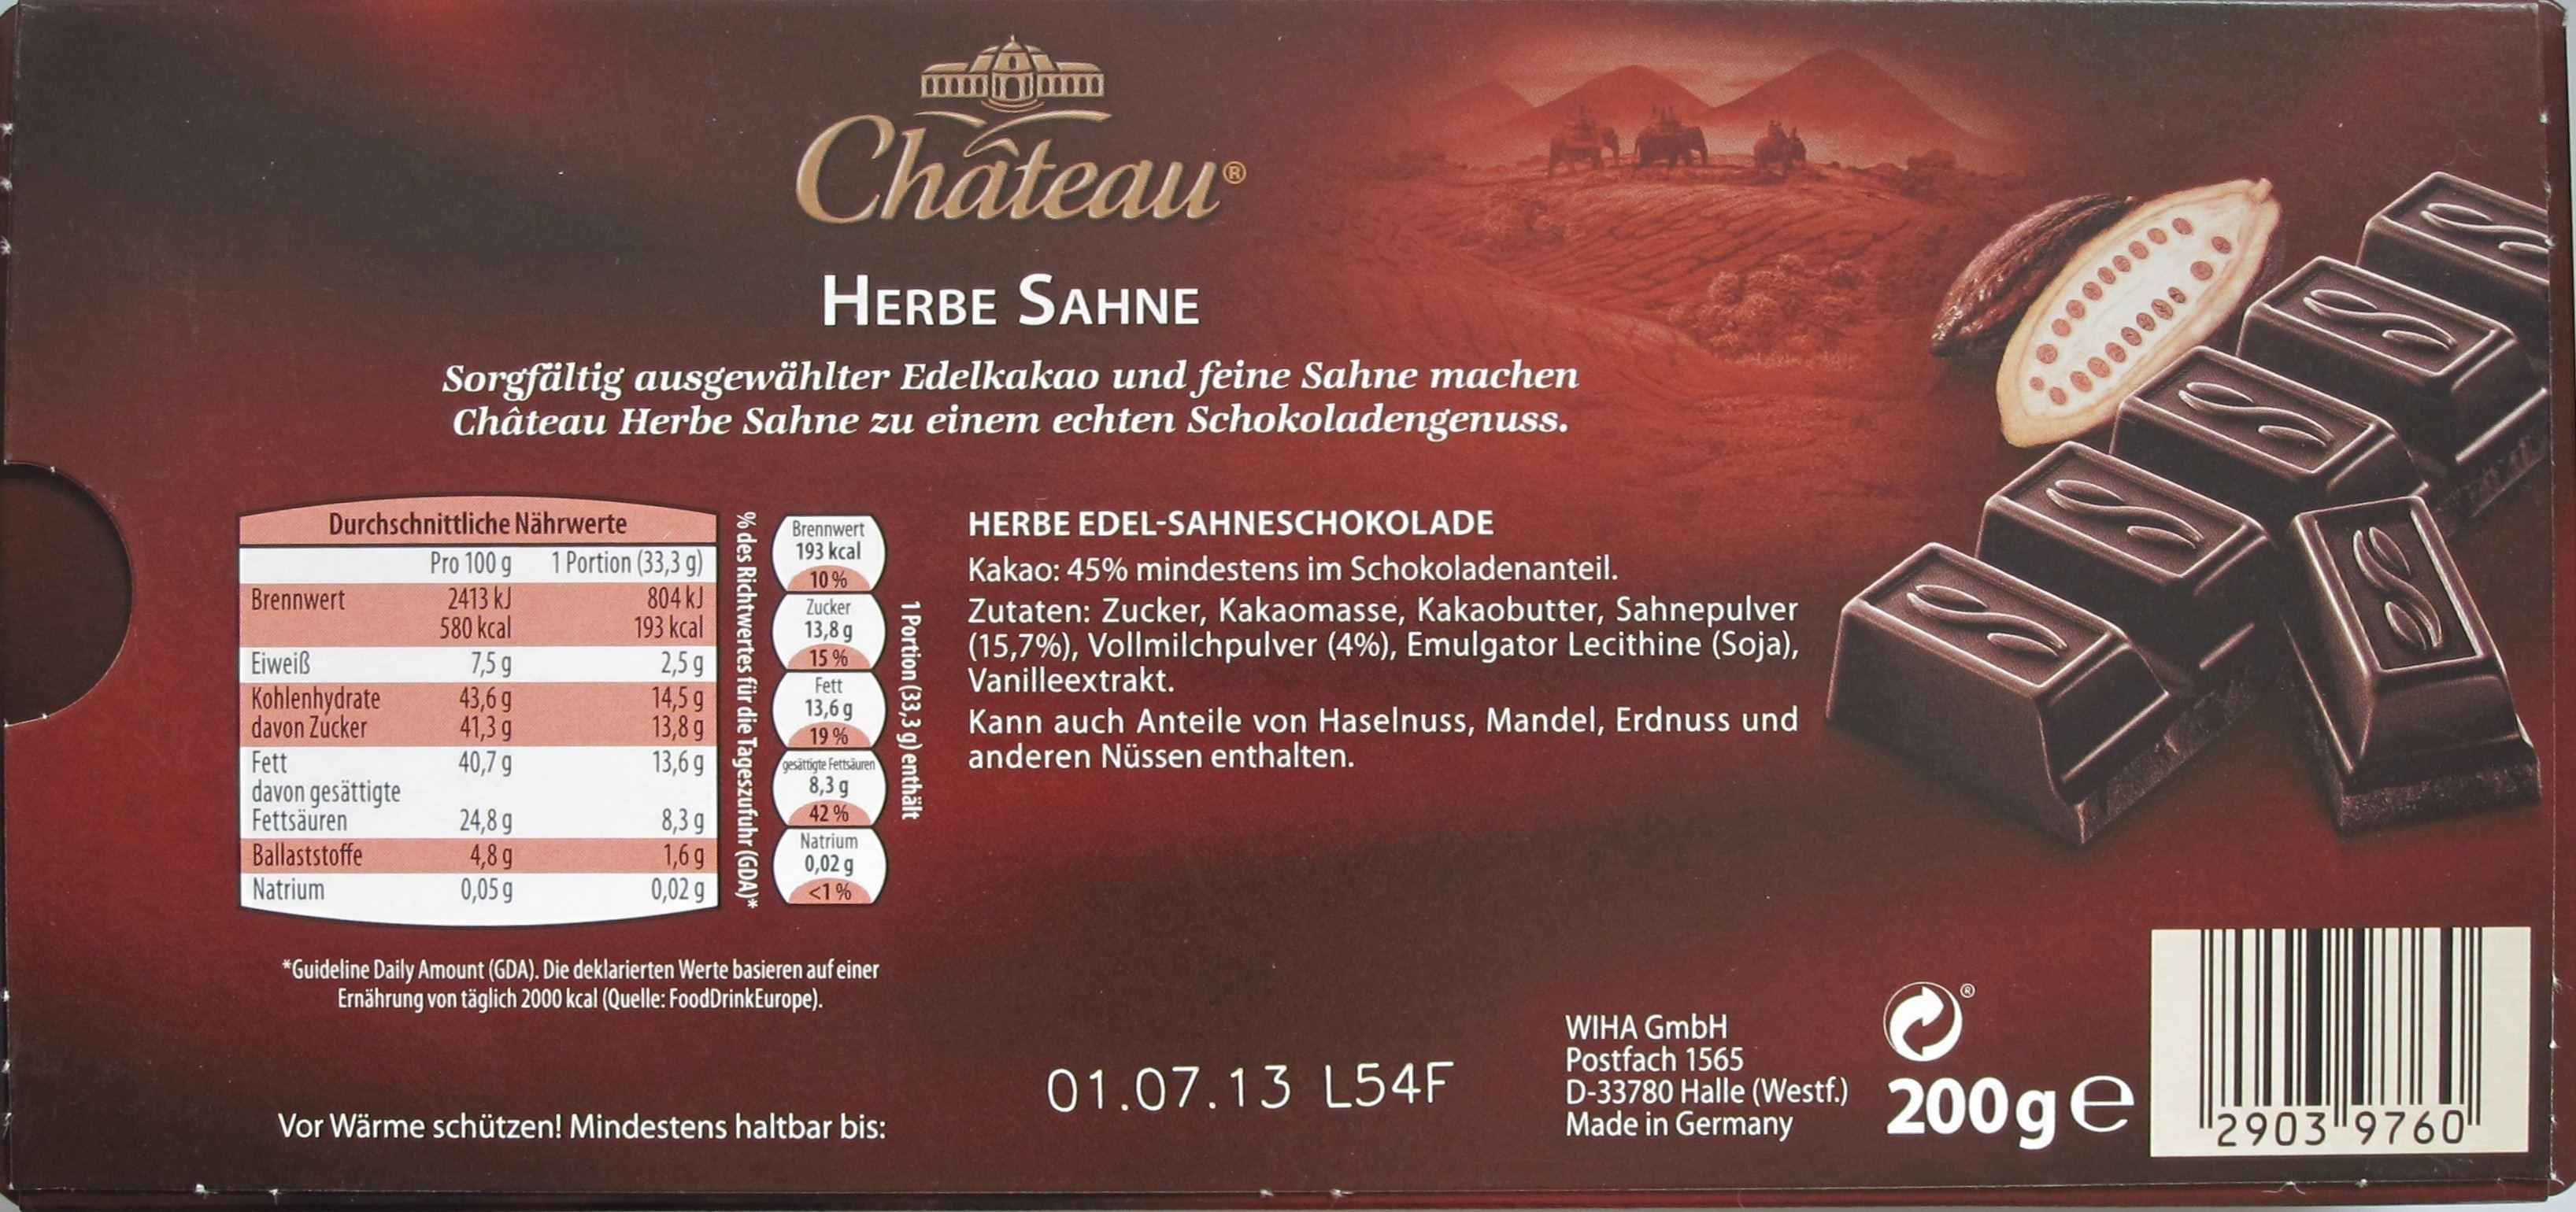 Château/Aldi: Herbe Sahne-Milchschokolade (Inhalt)